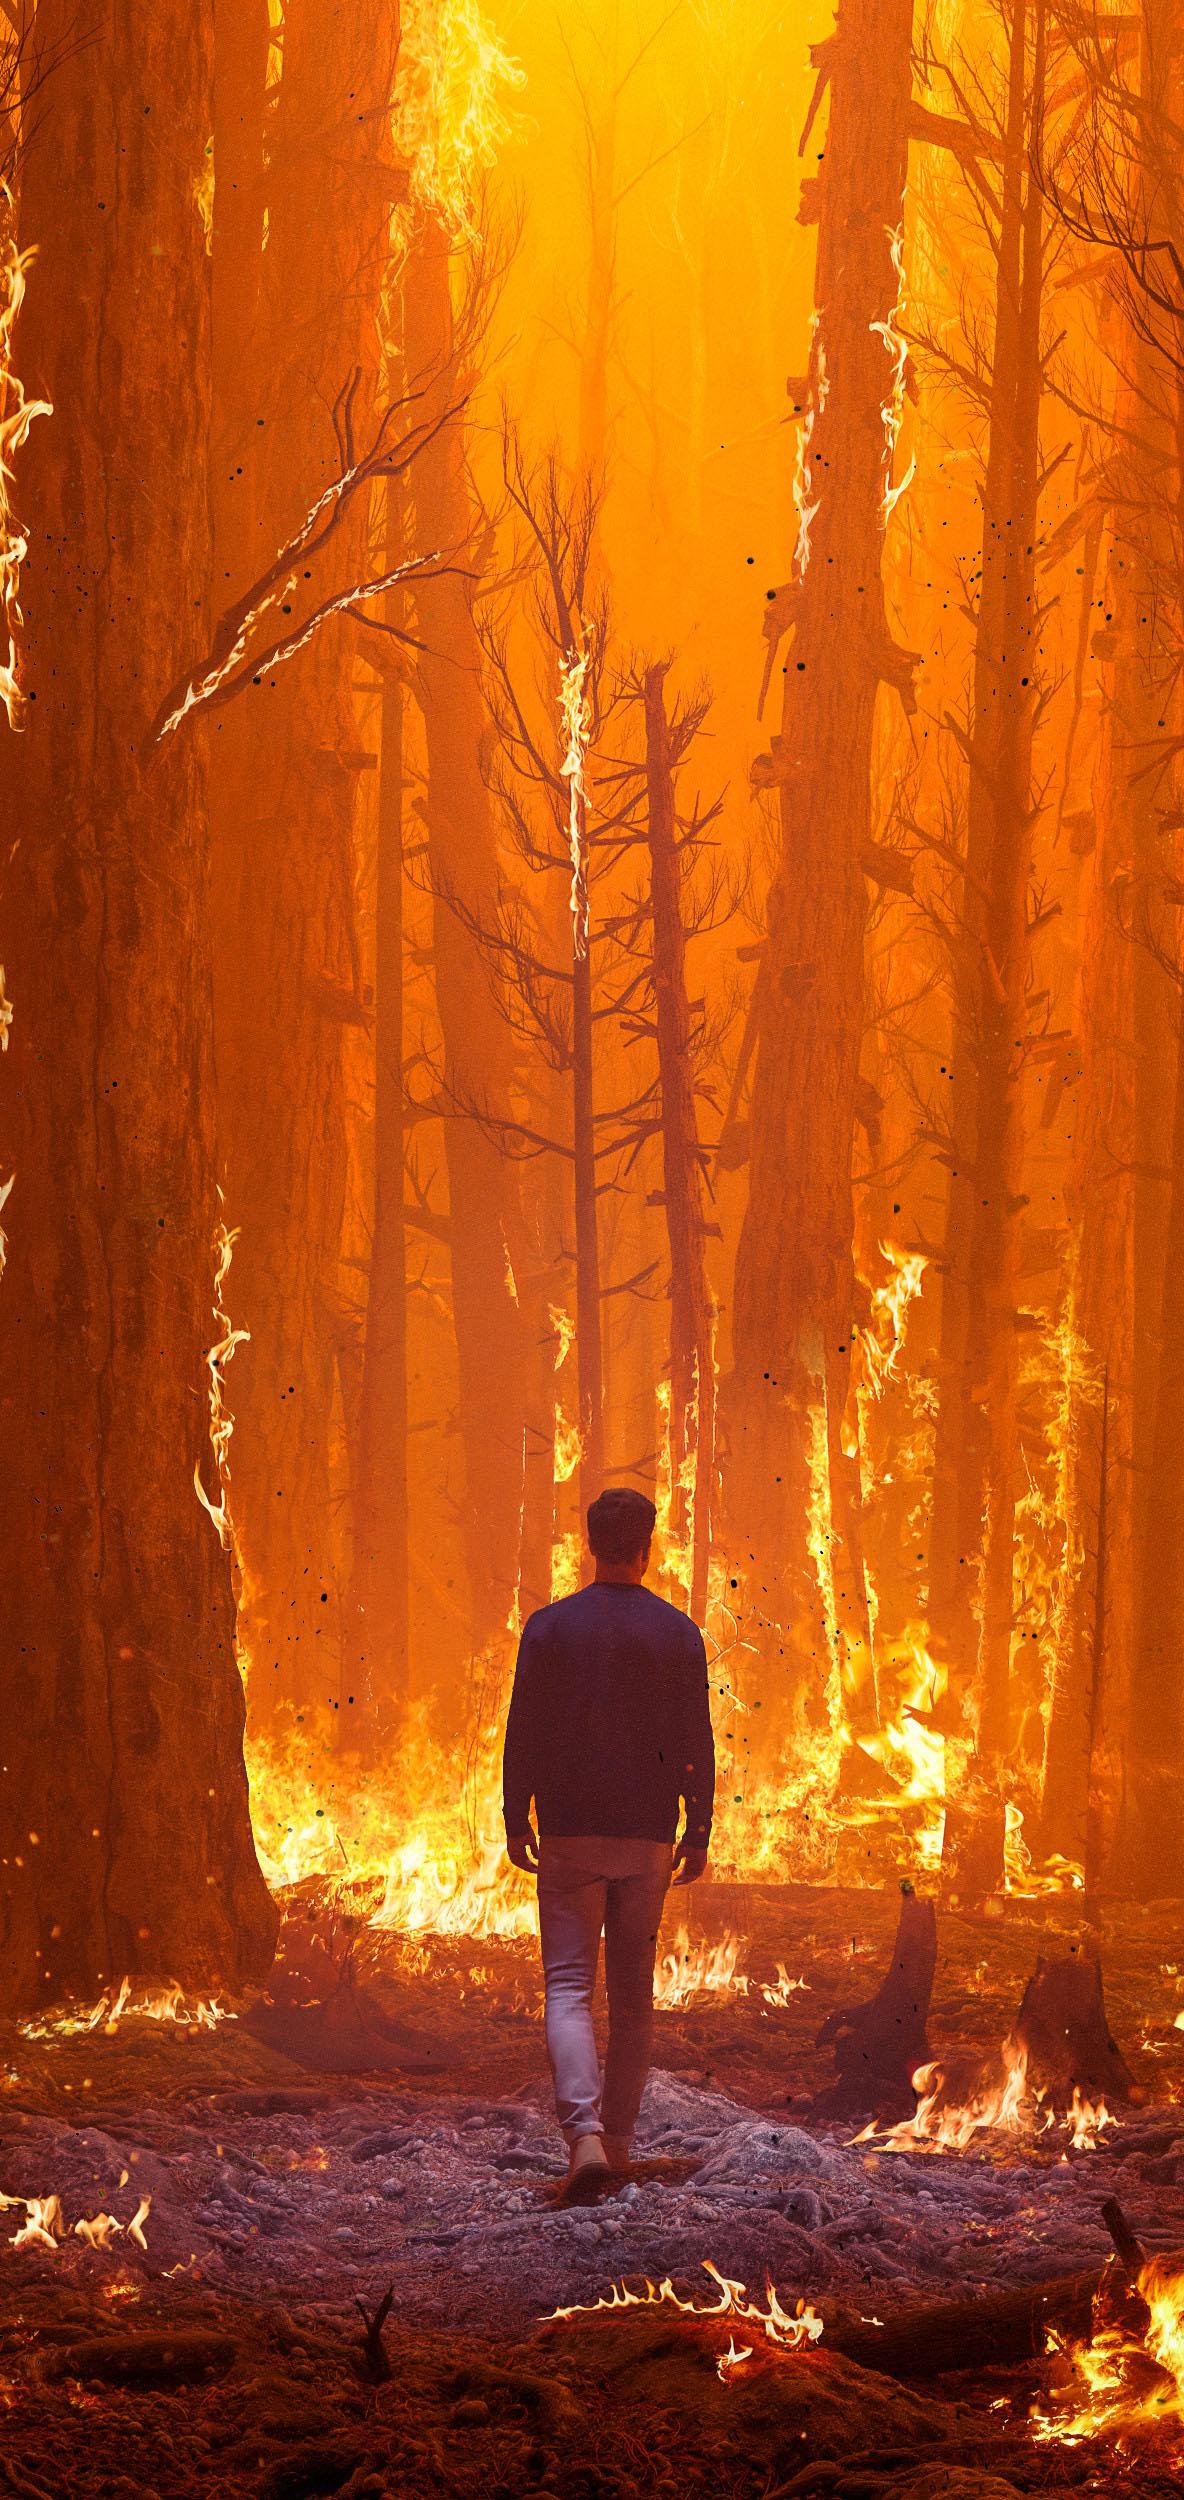 fire forest man